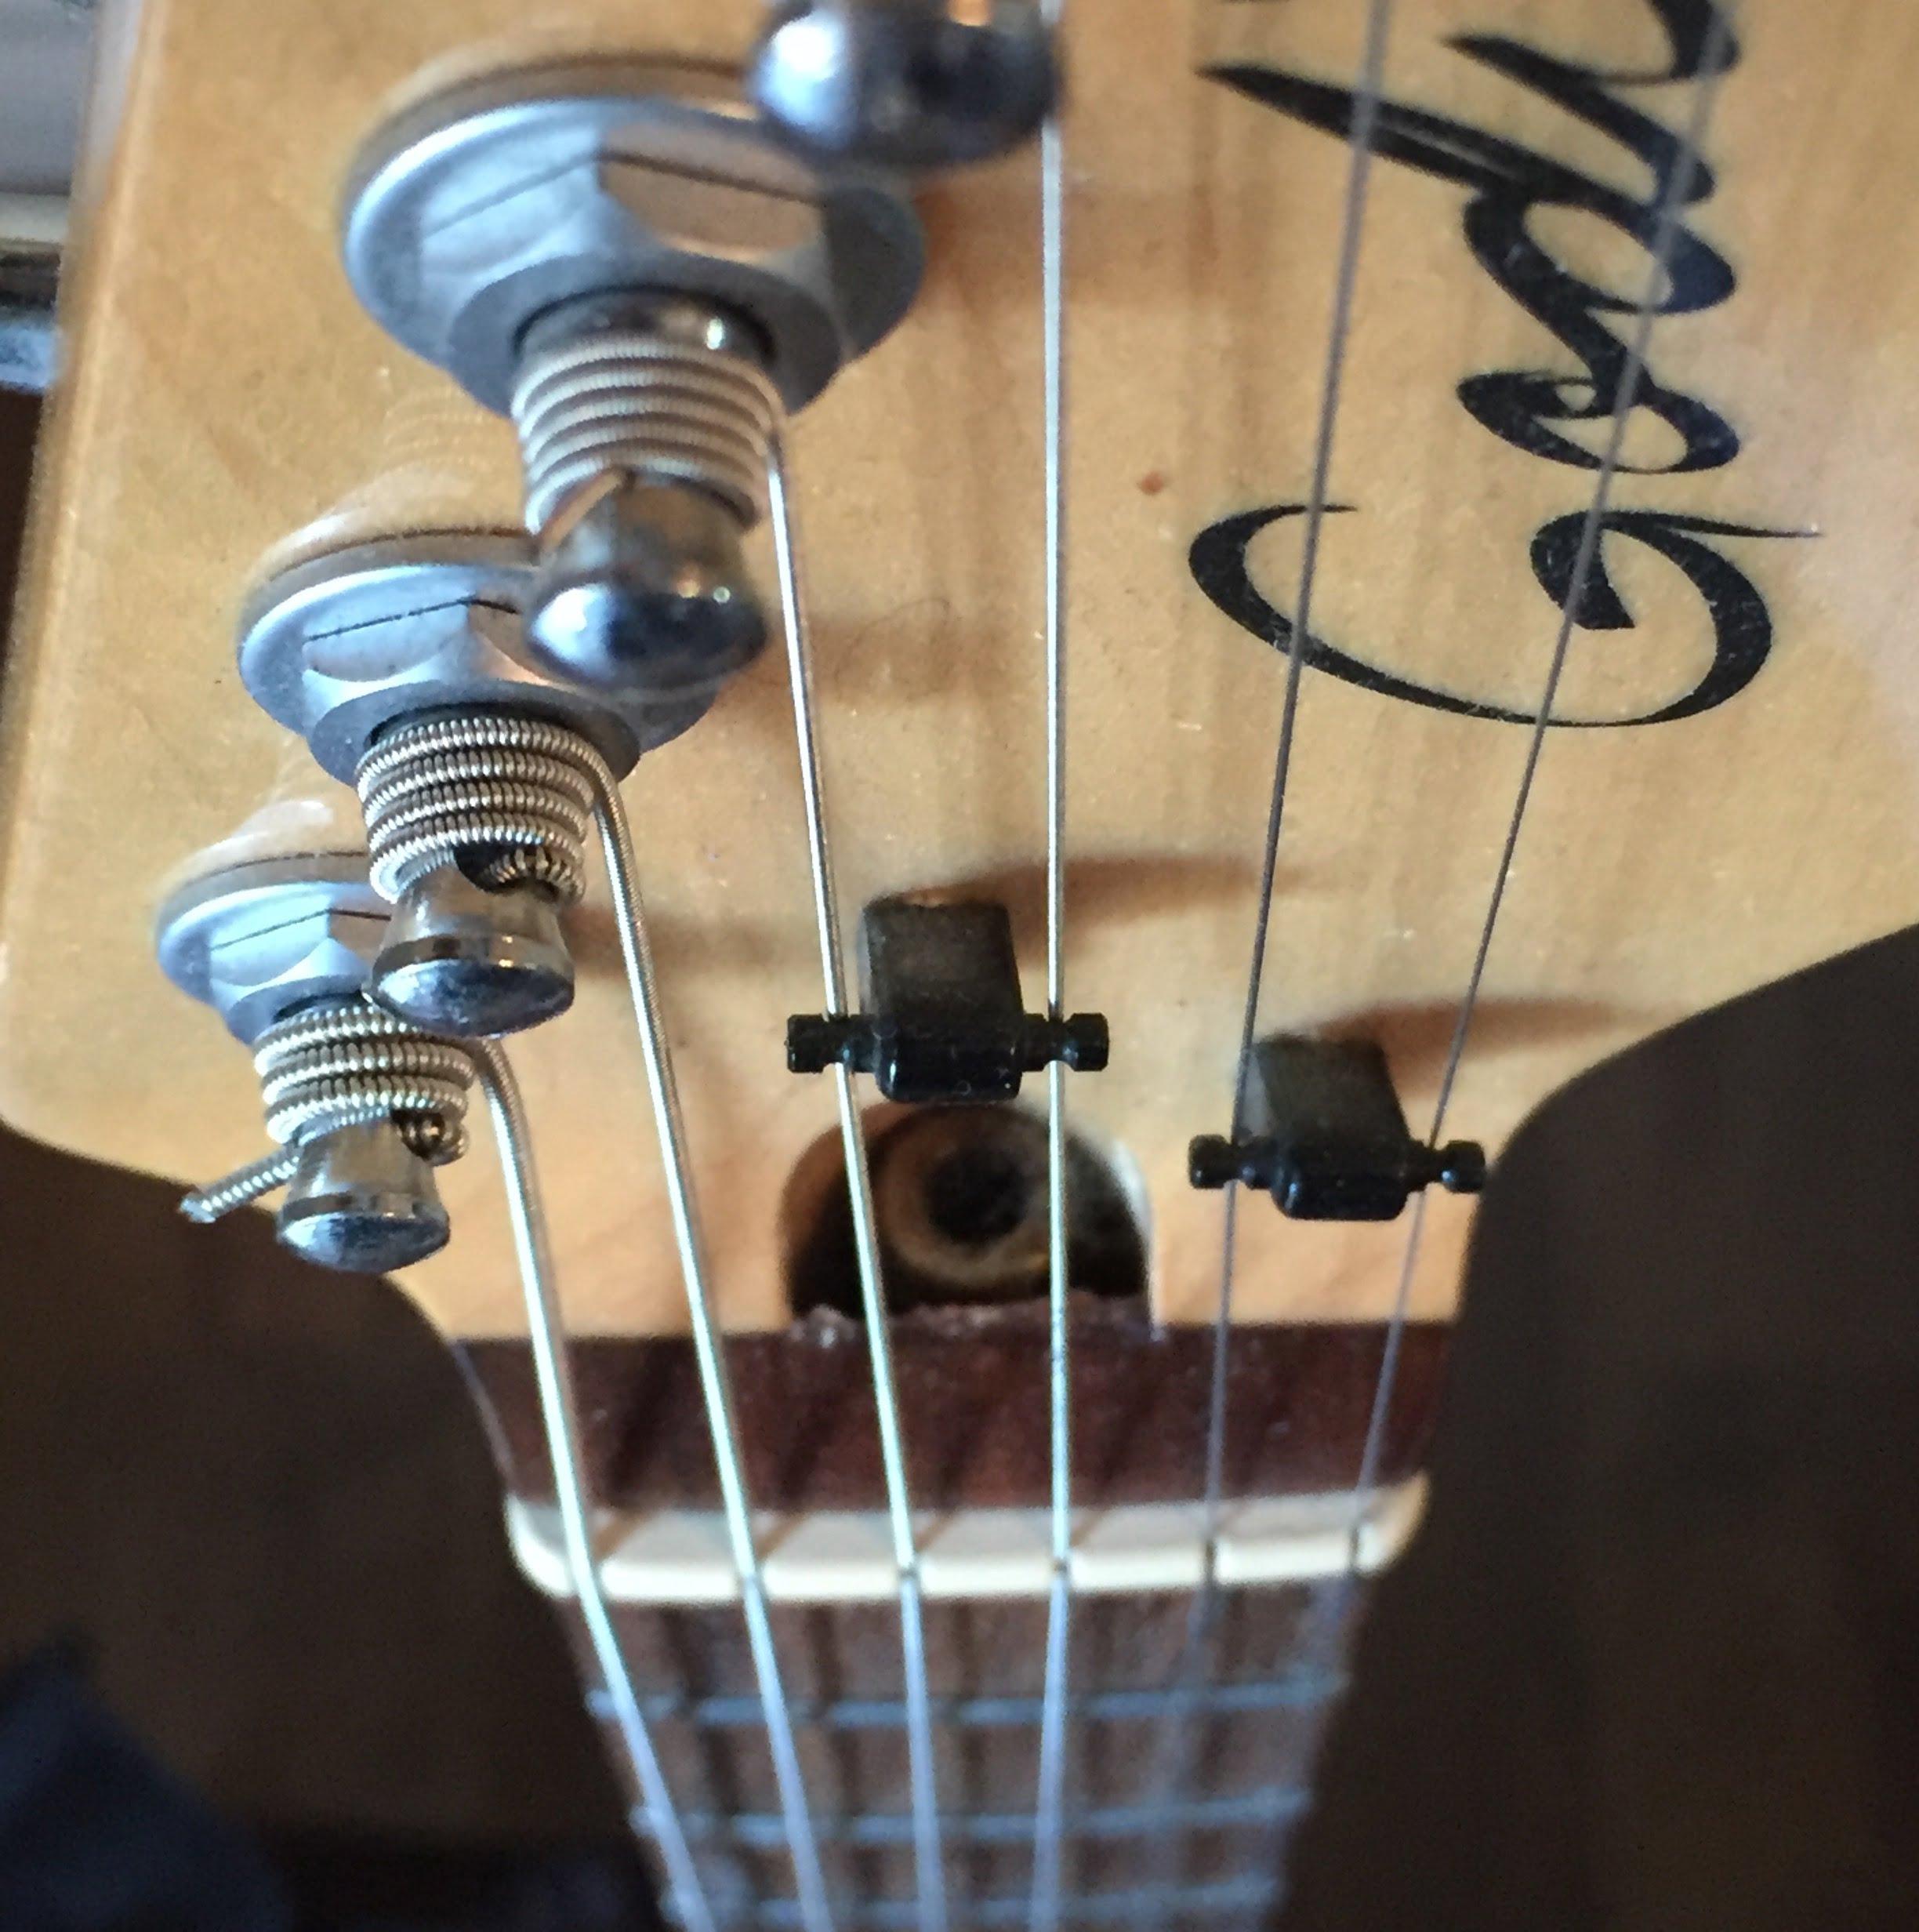 guitar truss rod adjustment basics and diy guide guitar chalk. Black Bedroom Furniture Sets. Home Design Ideas